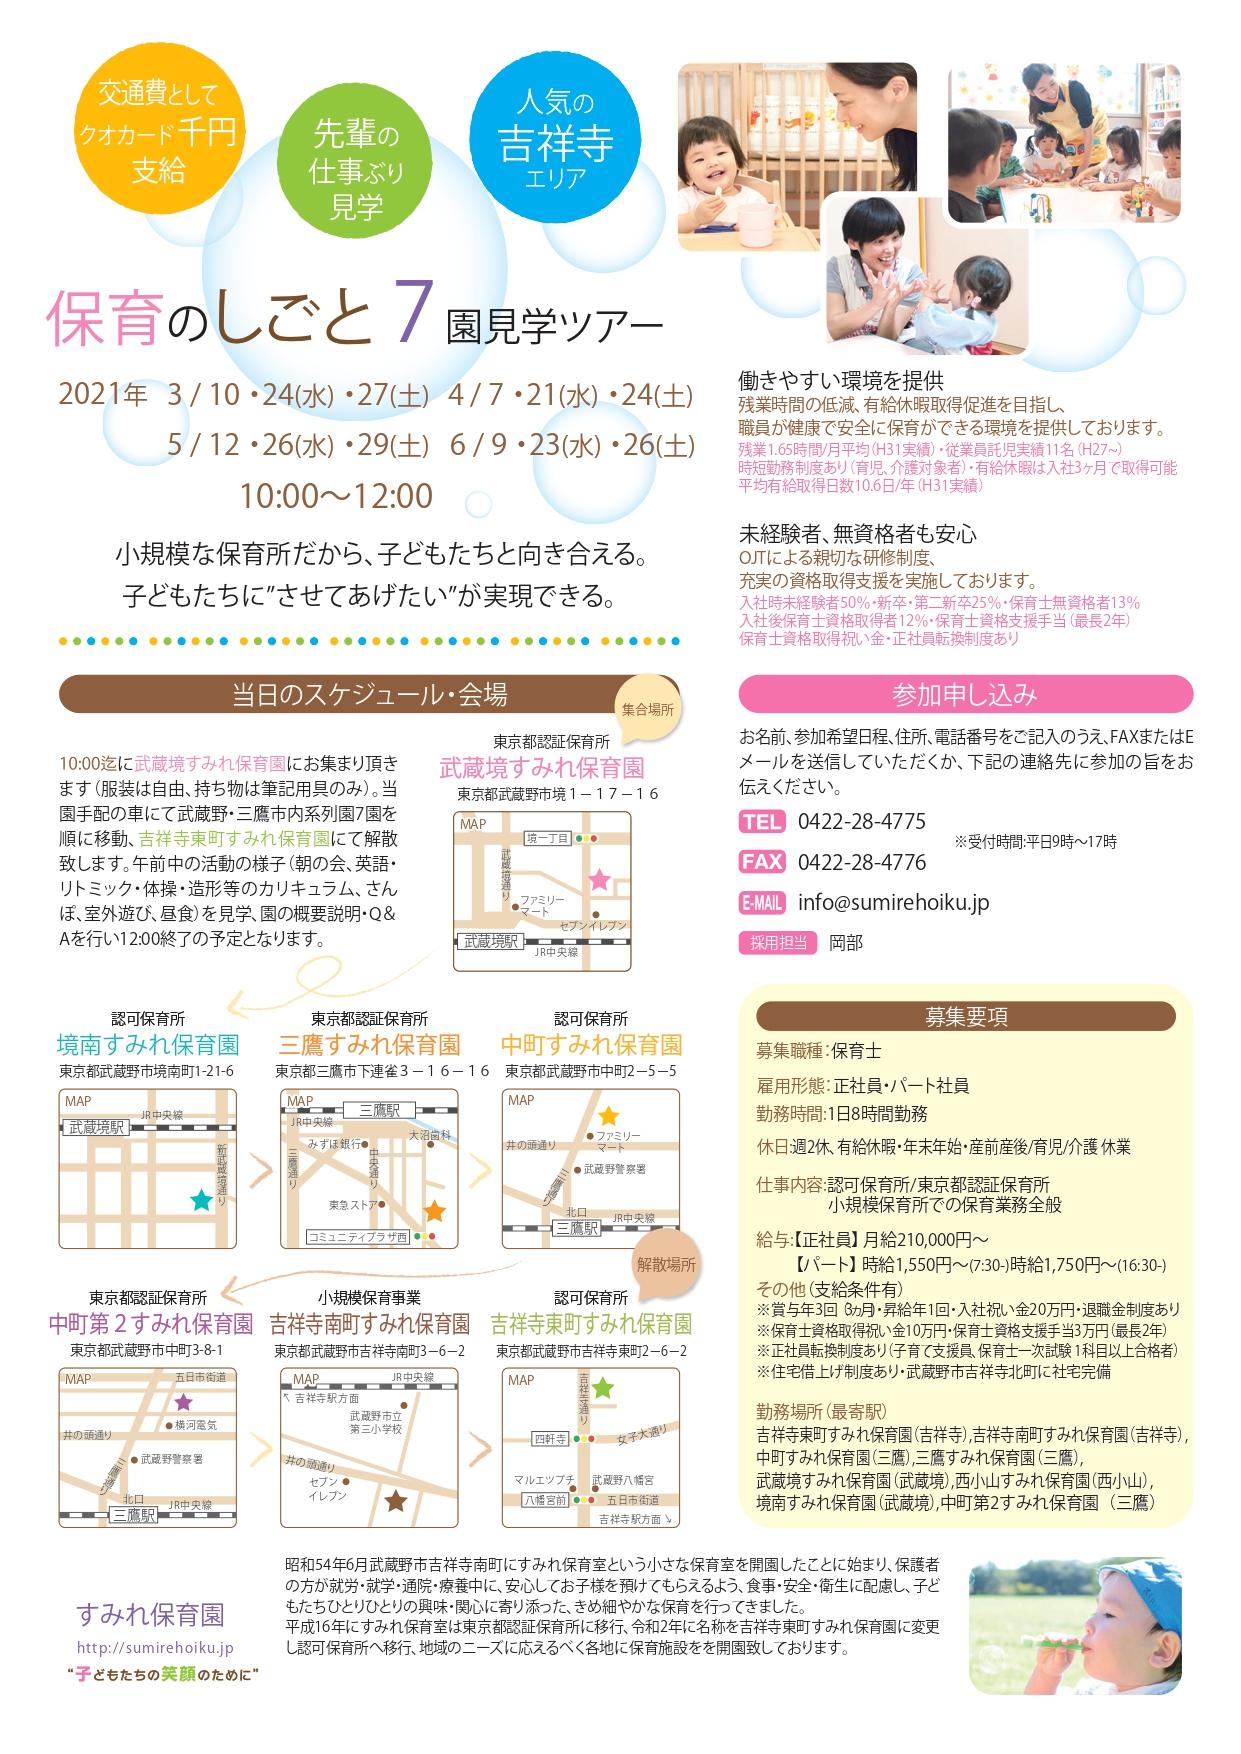 kenngaku7 202103_202106_page-0001